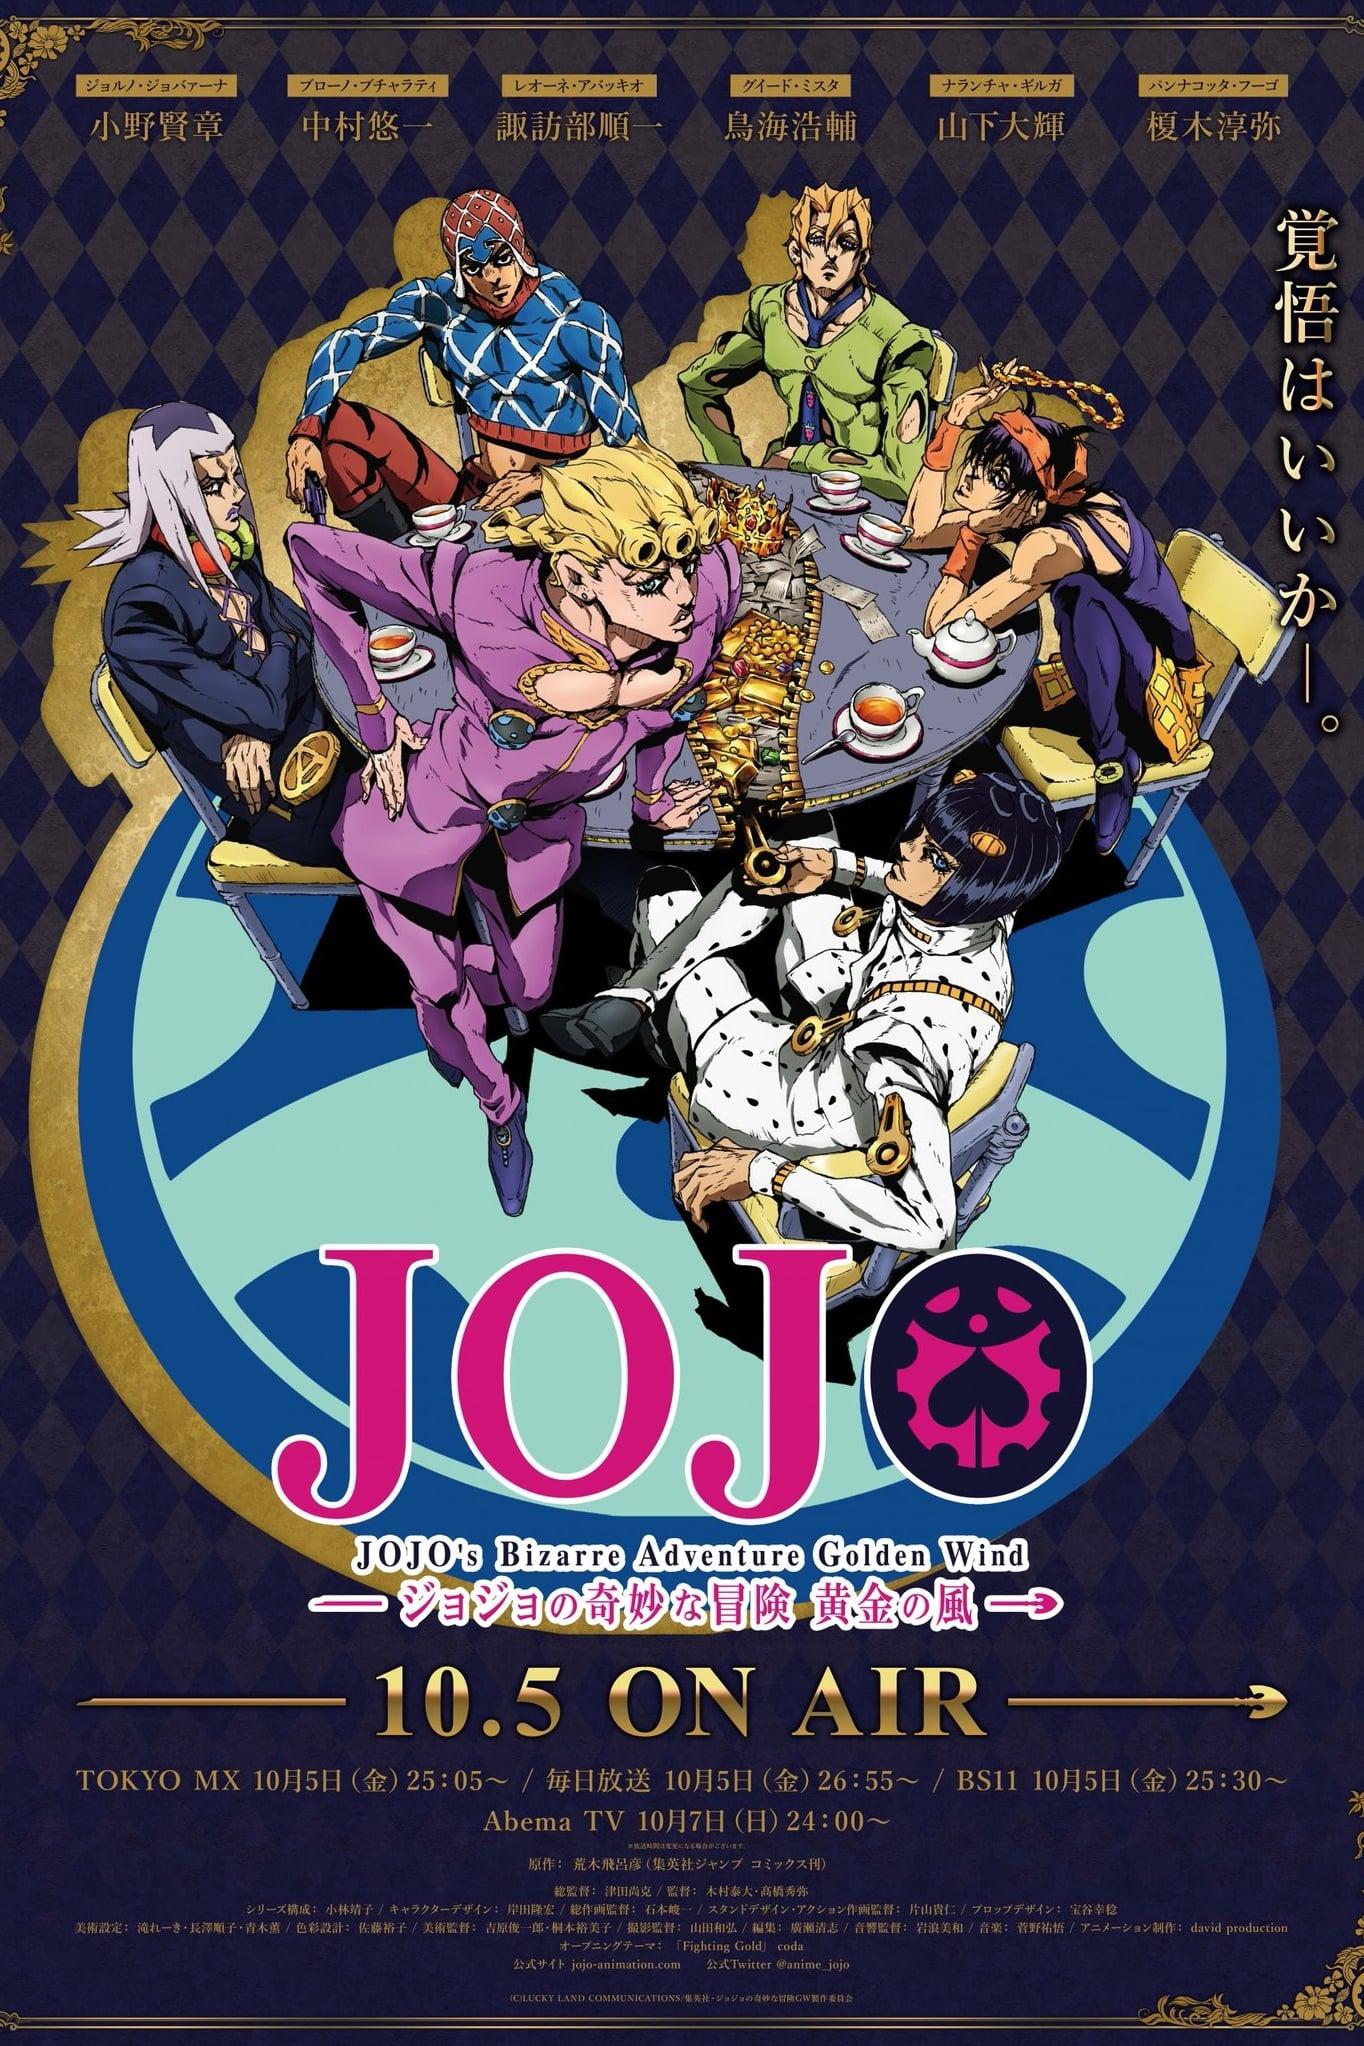 JoJo's Bizarre Adventure Season 4